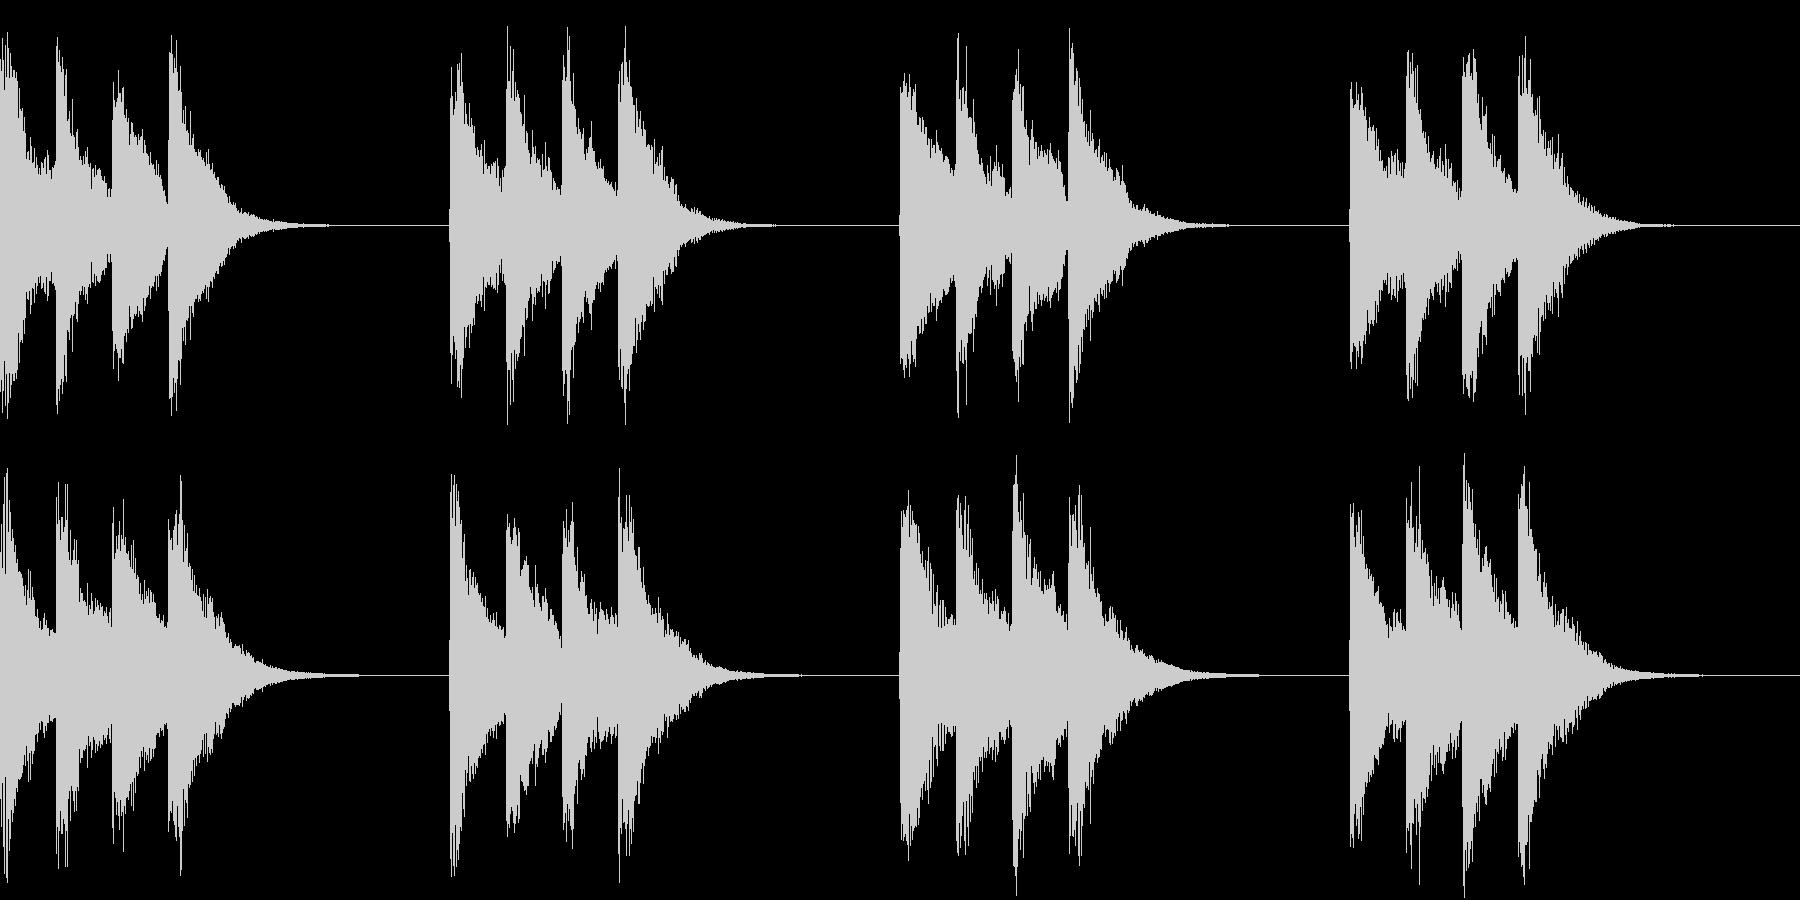 シンプル ベル 着信音 チャイム A-8の未再生の波形